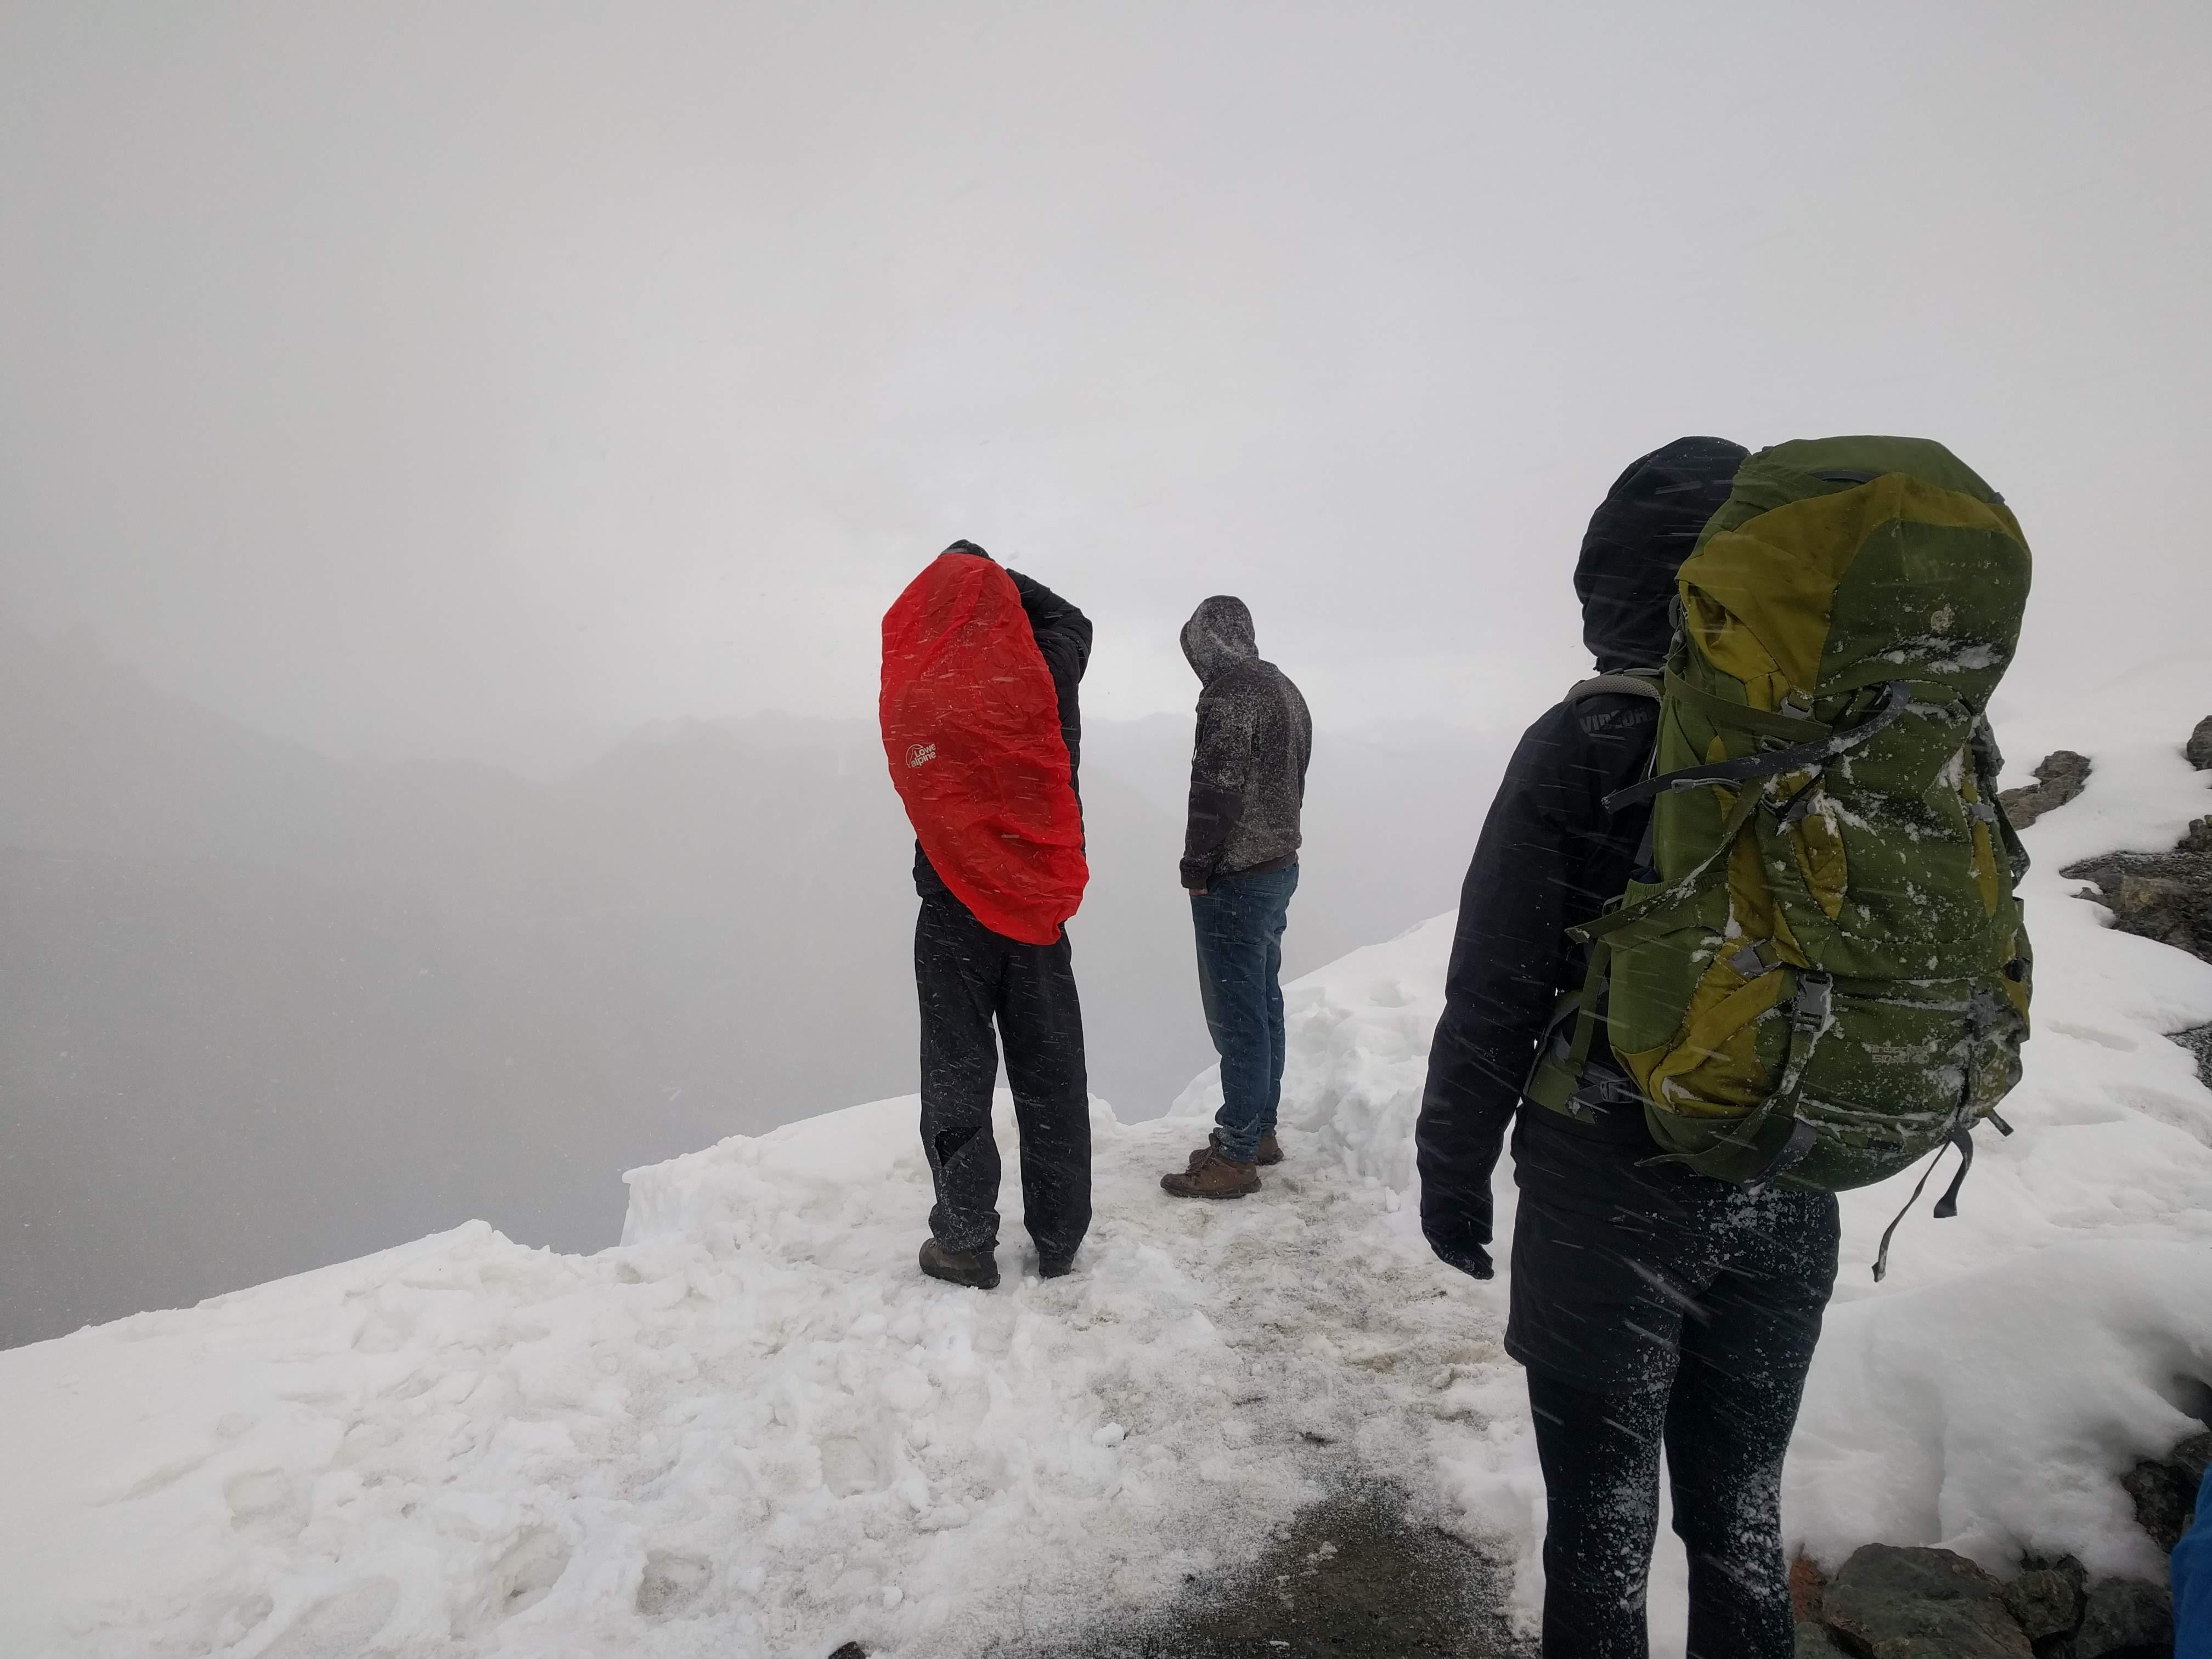 Dan zwoeg je uurenlang om de berg op te geraken, en zie je dit aan de overkant. Help!